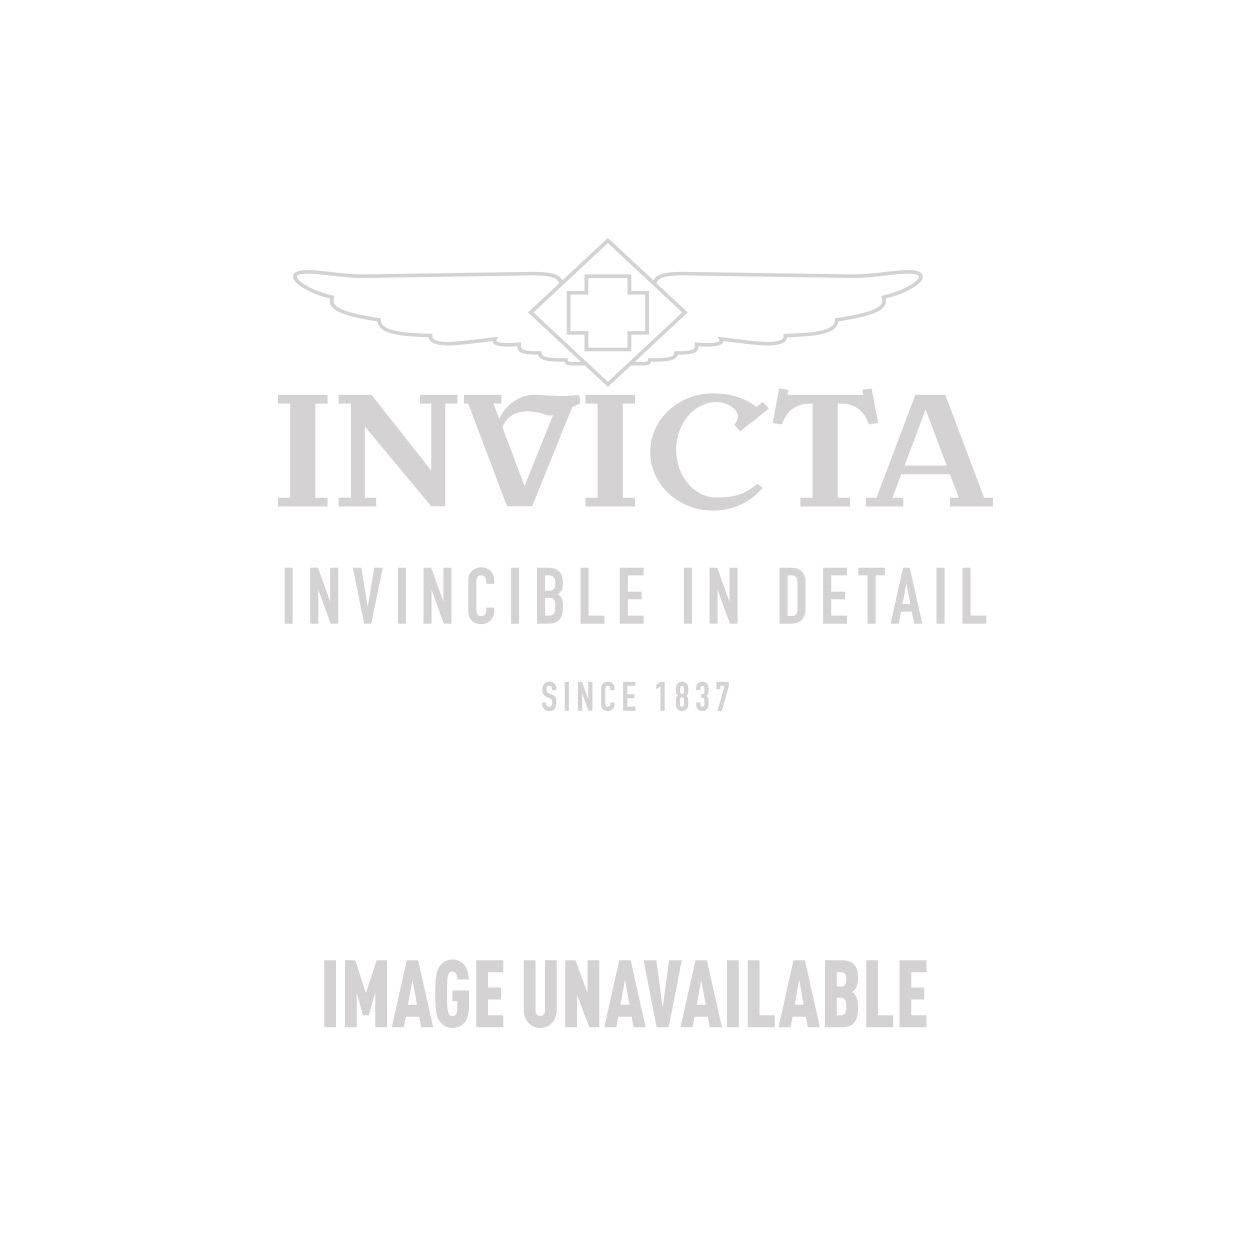 Invicta Model 23596